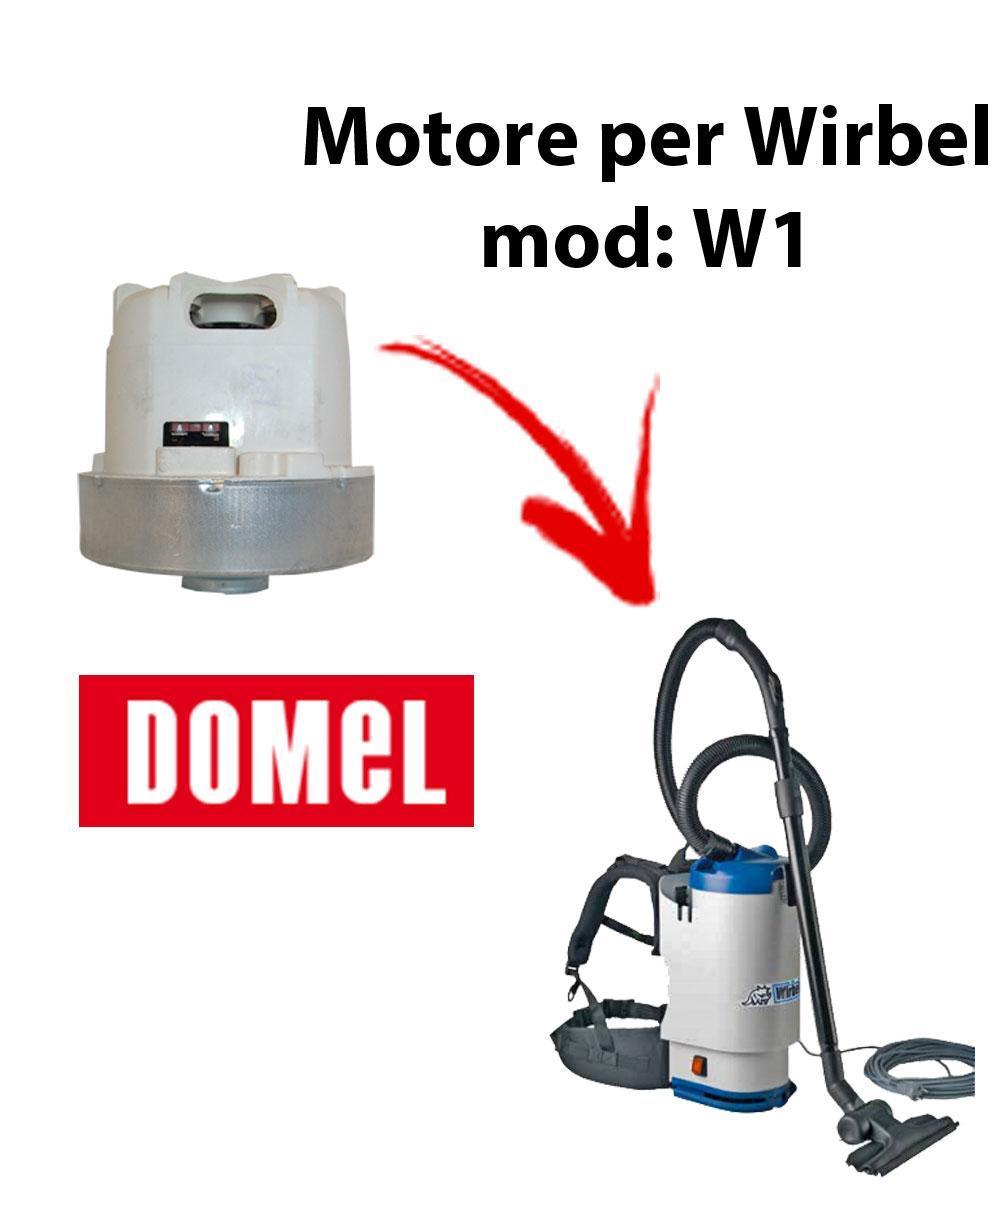 W1 Saugmotor DOMEL für Staubsauger WIRBEL